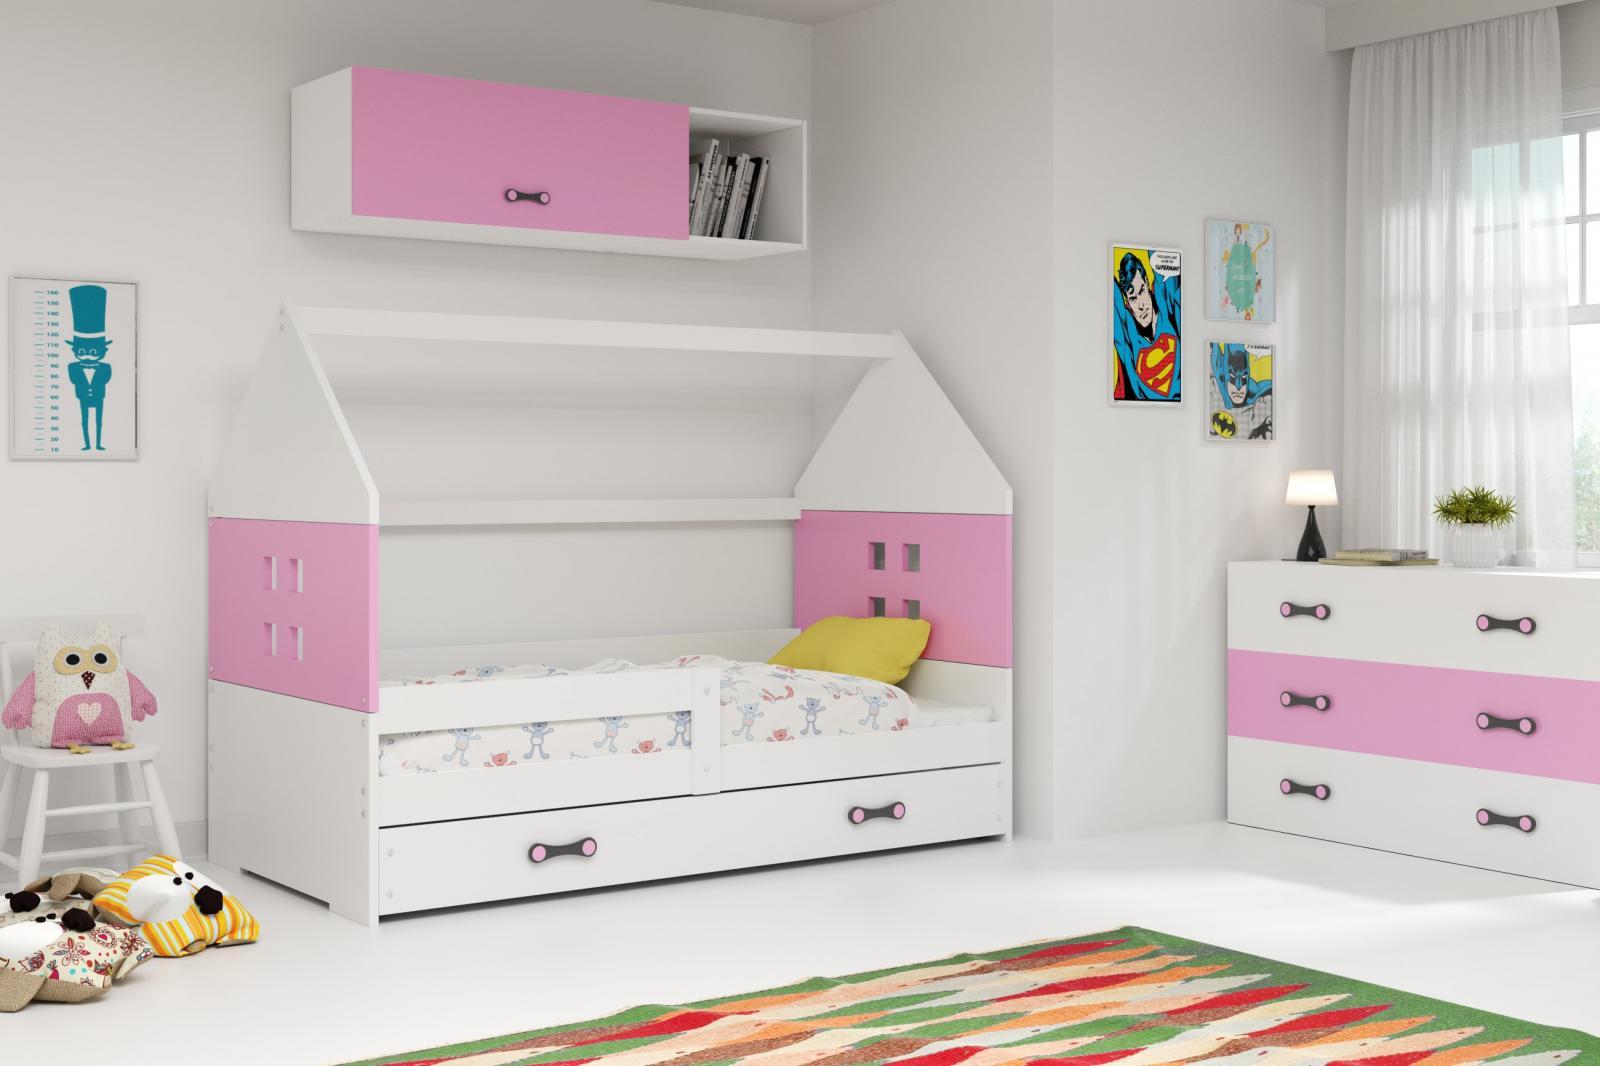 Dětská postel Dominik 80x160 bílá/růžová